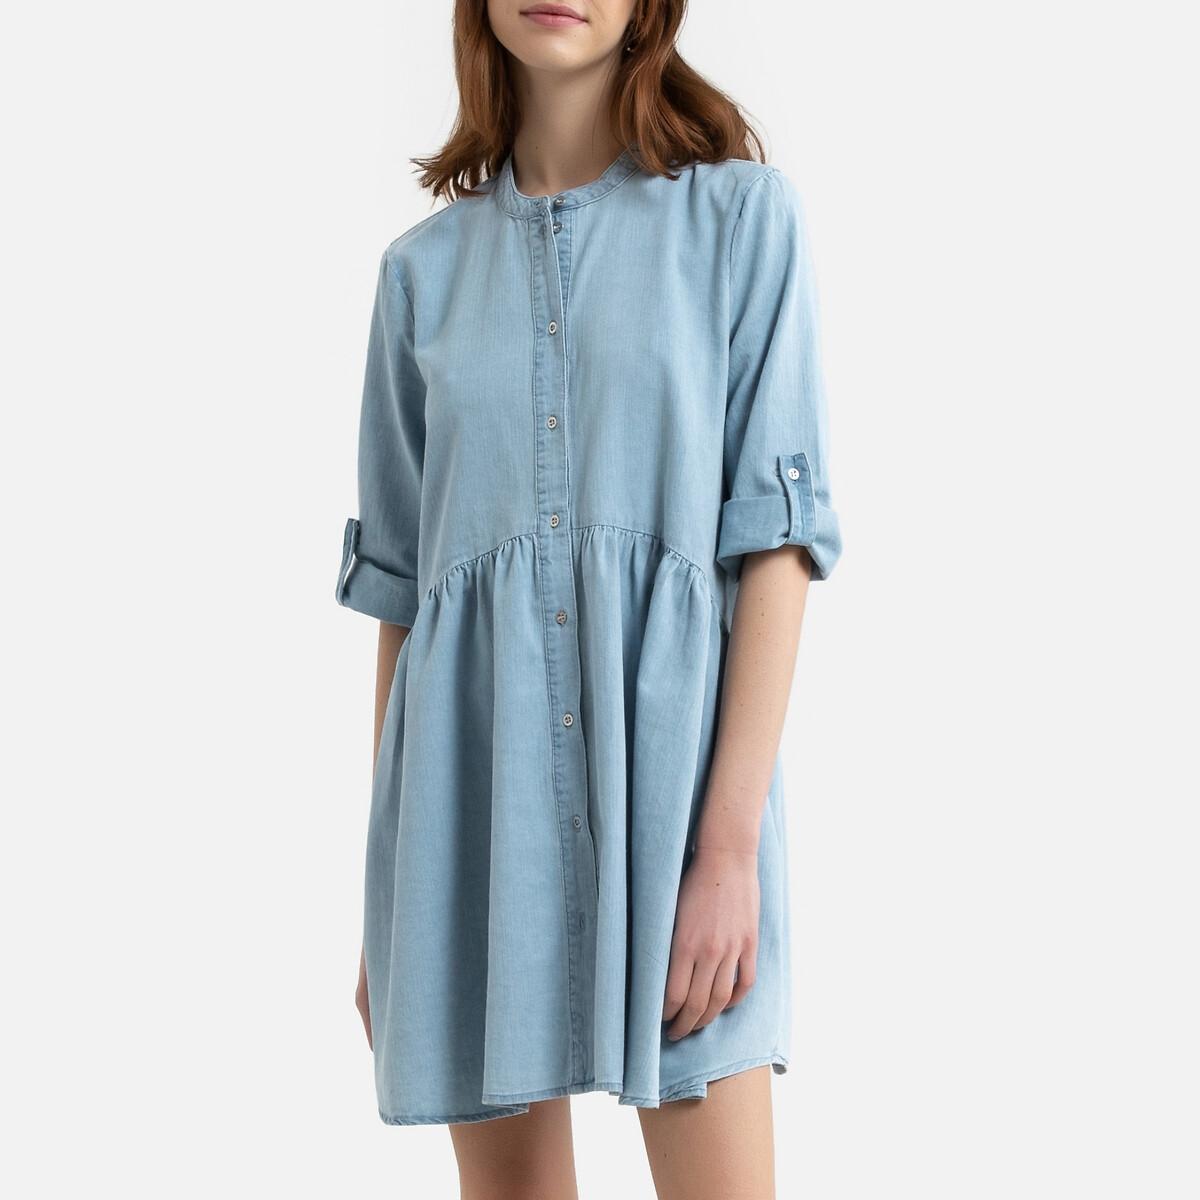 Платье-рубашка LaRedoute Из джинсовой ткани с воротником-стойкой и рукавами 34 XL синий